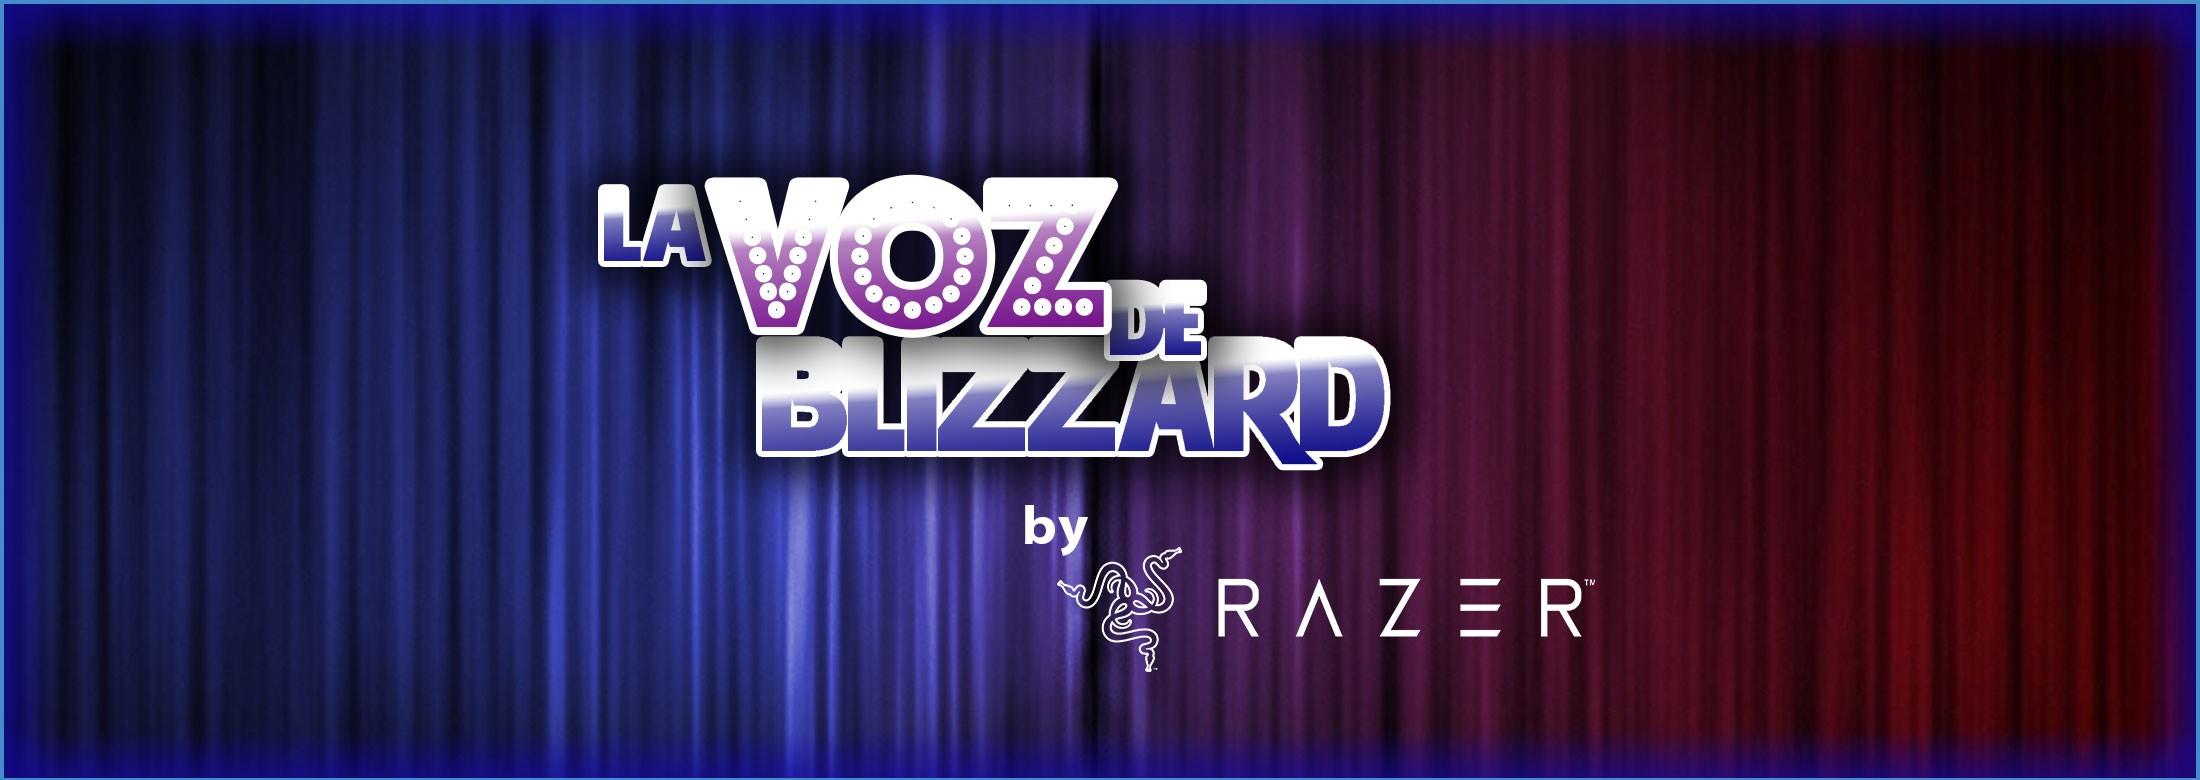 Razer y Blizzard buscan la nueva Voz Blizzard 2018